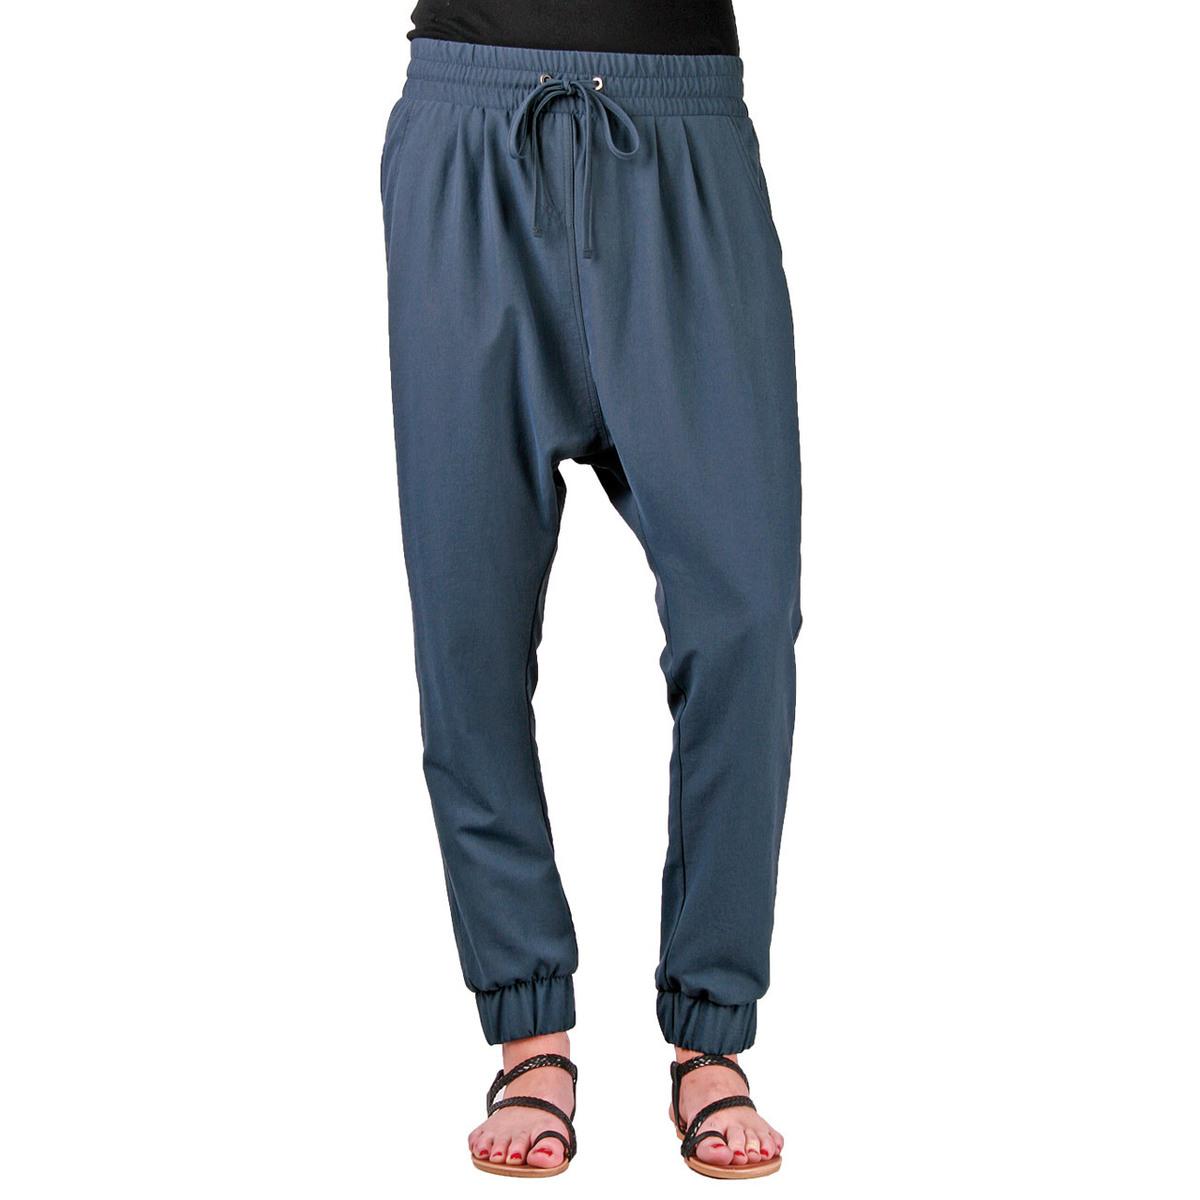 kalhoty dámské FUNSTORM - Cita - 17 Perse - PG-51409